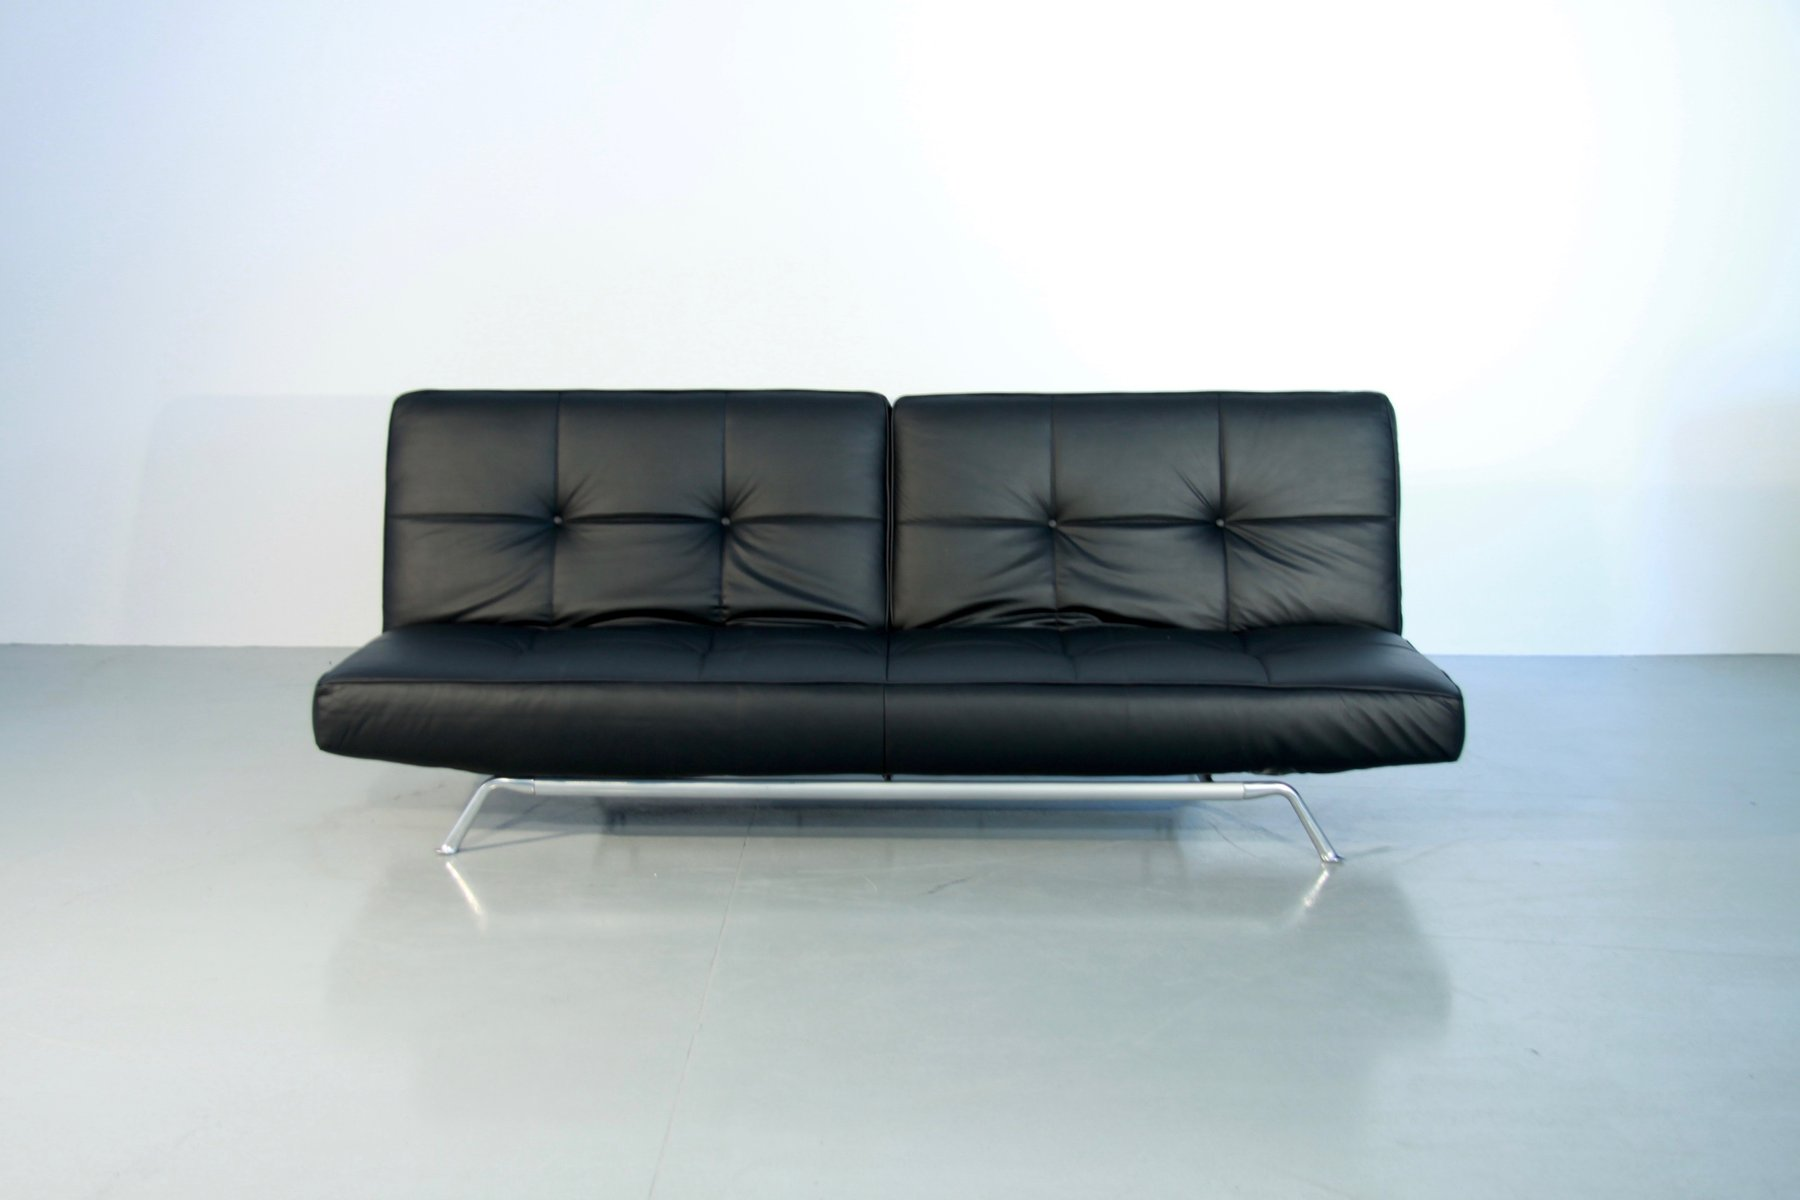 verstellbares vintage smala schlafsofa aus schwarzem leder von pascal mourgue f r ligne roset. Black Bedroom Furniture Sets. Home Design Ideas